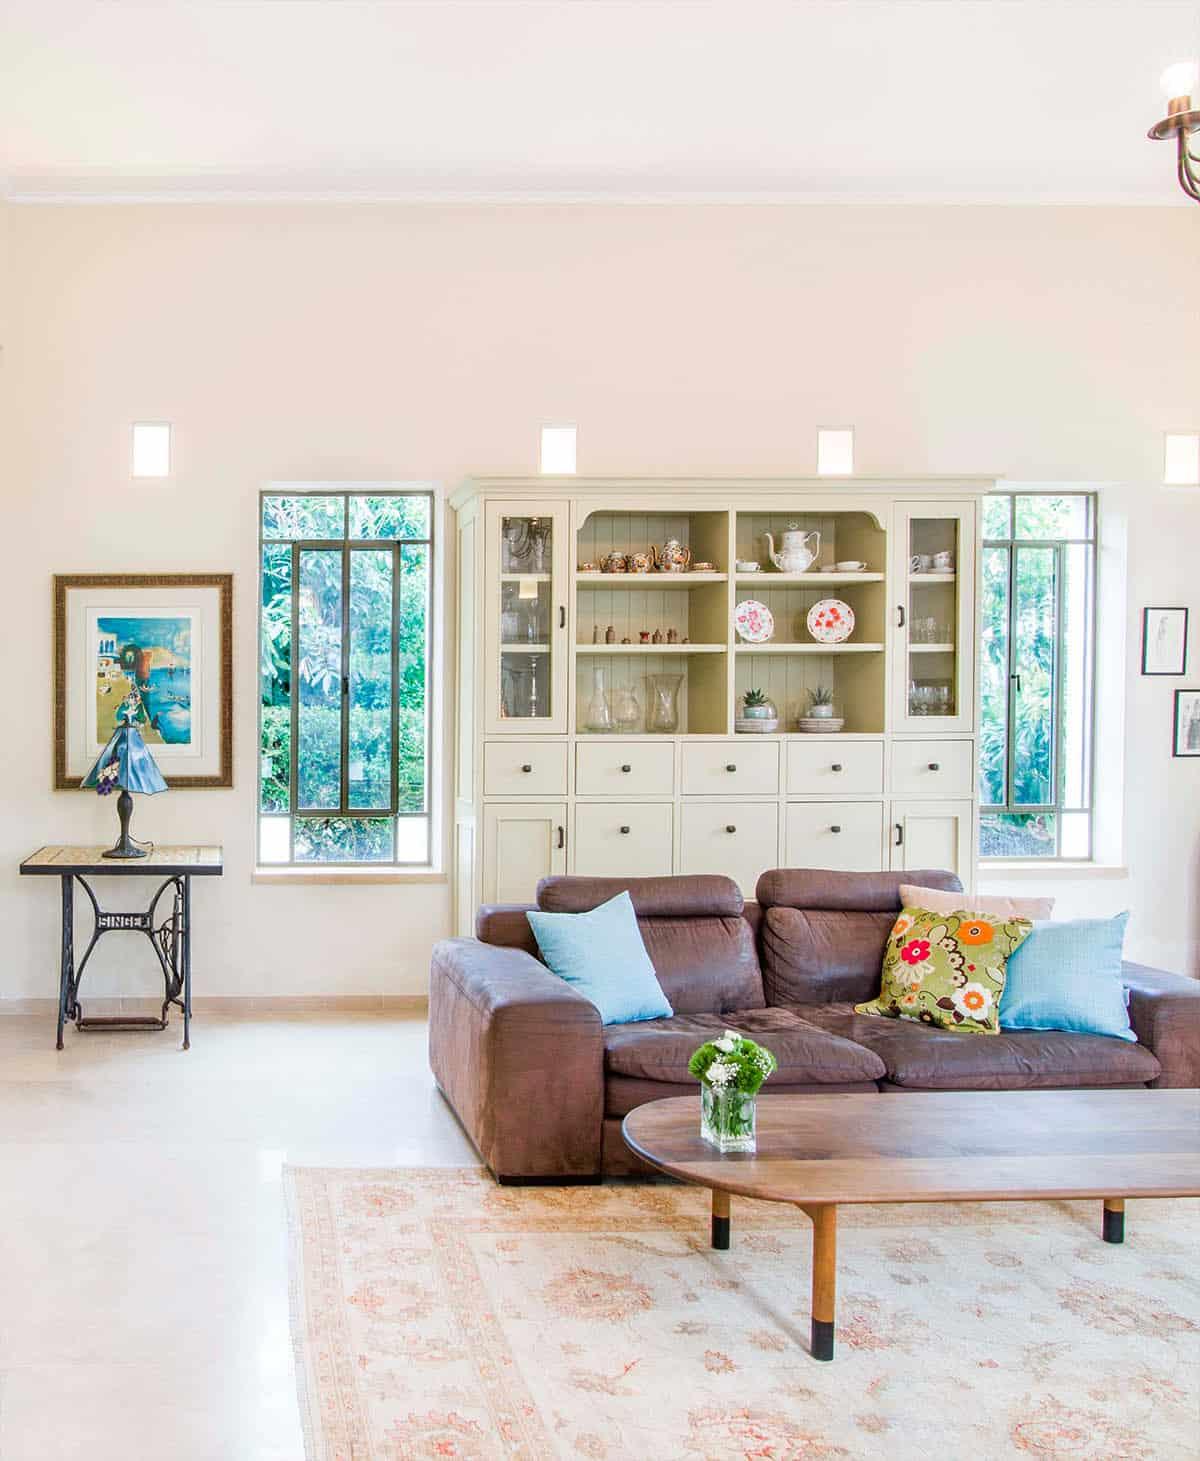 ספרייה בצבע פיסטוק הניצבת בין שני חלונות בבית פרטי בעמק חפר - שירית דרמן, מעצבת פנים ויועצת תאורה